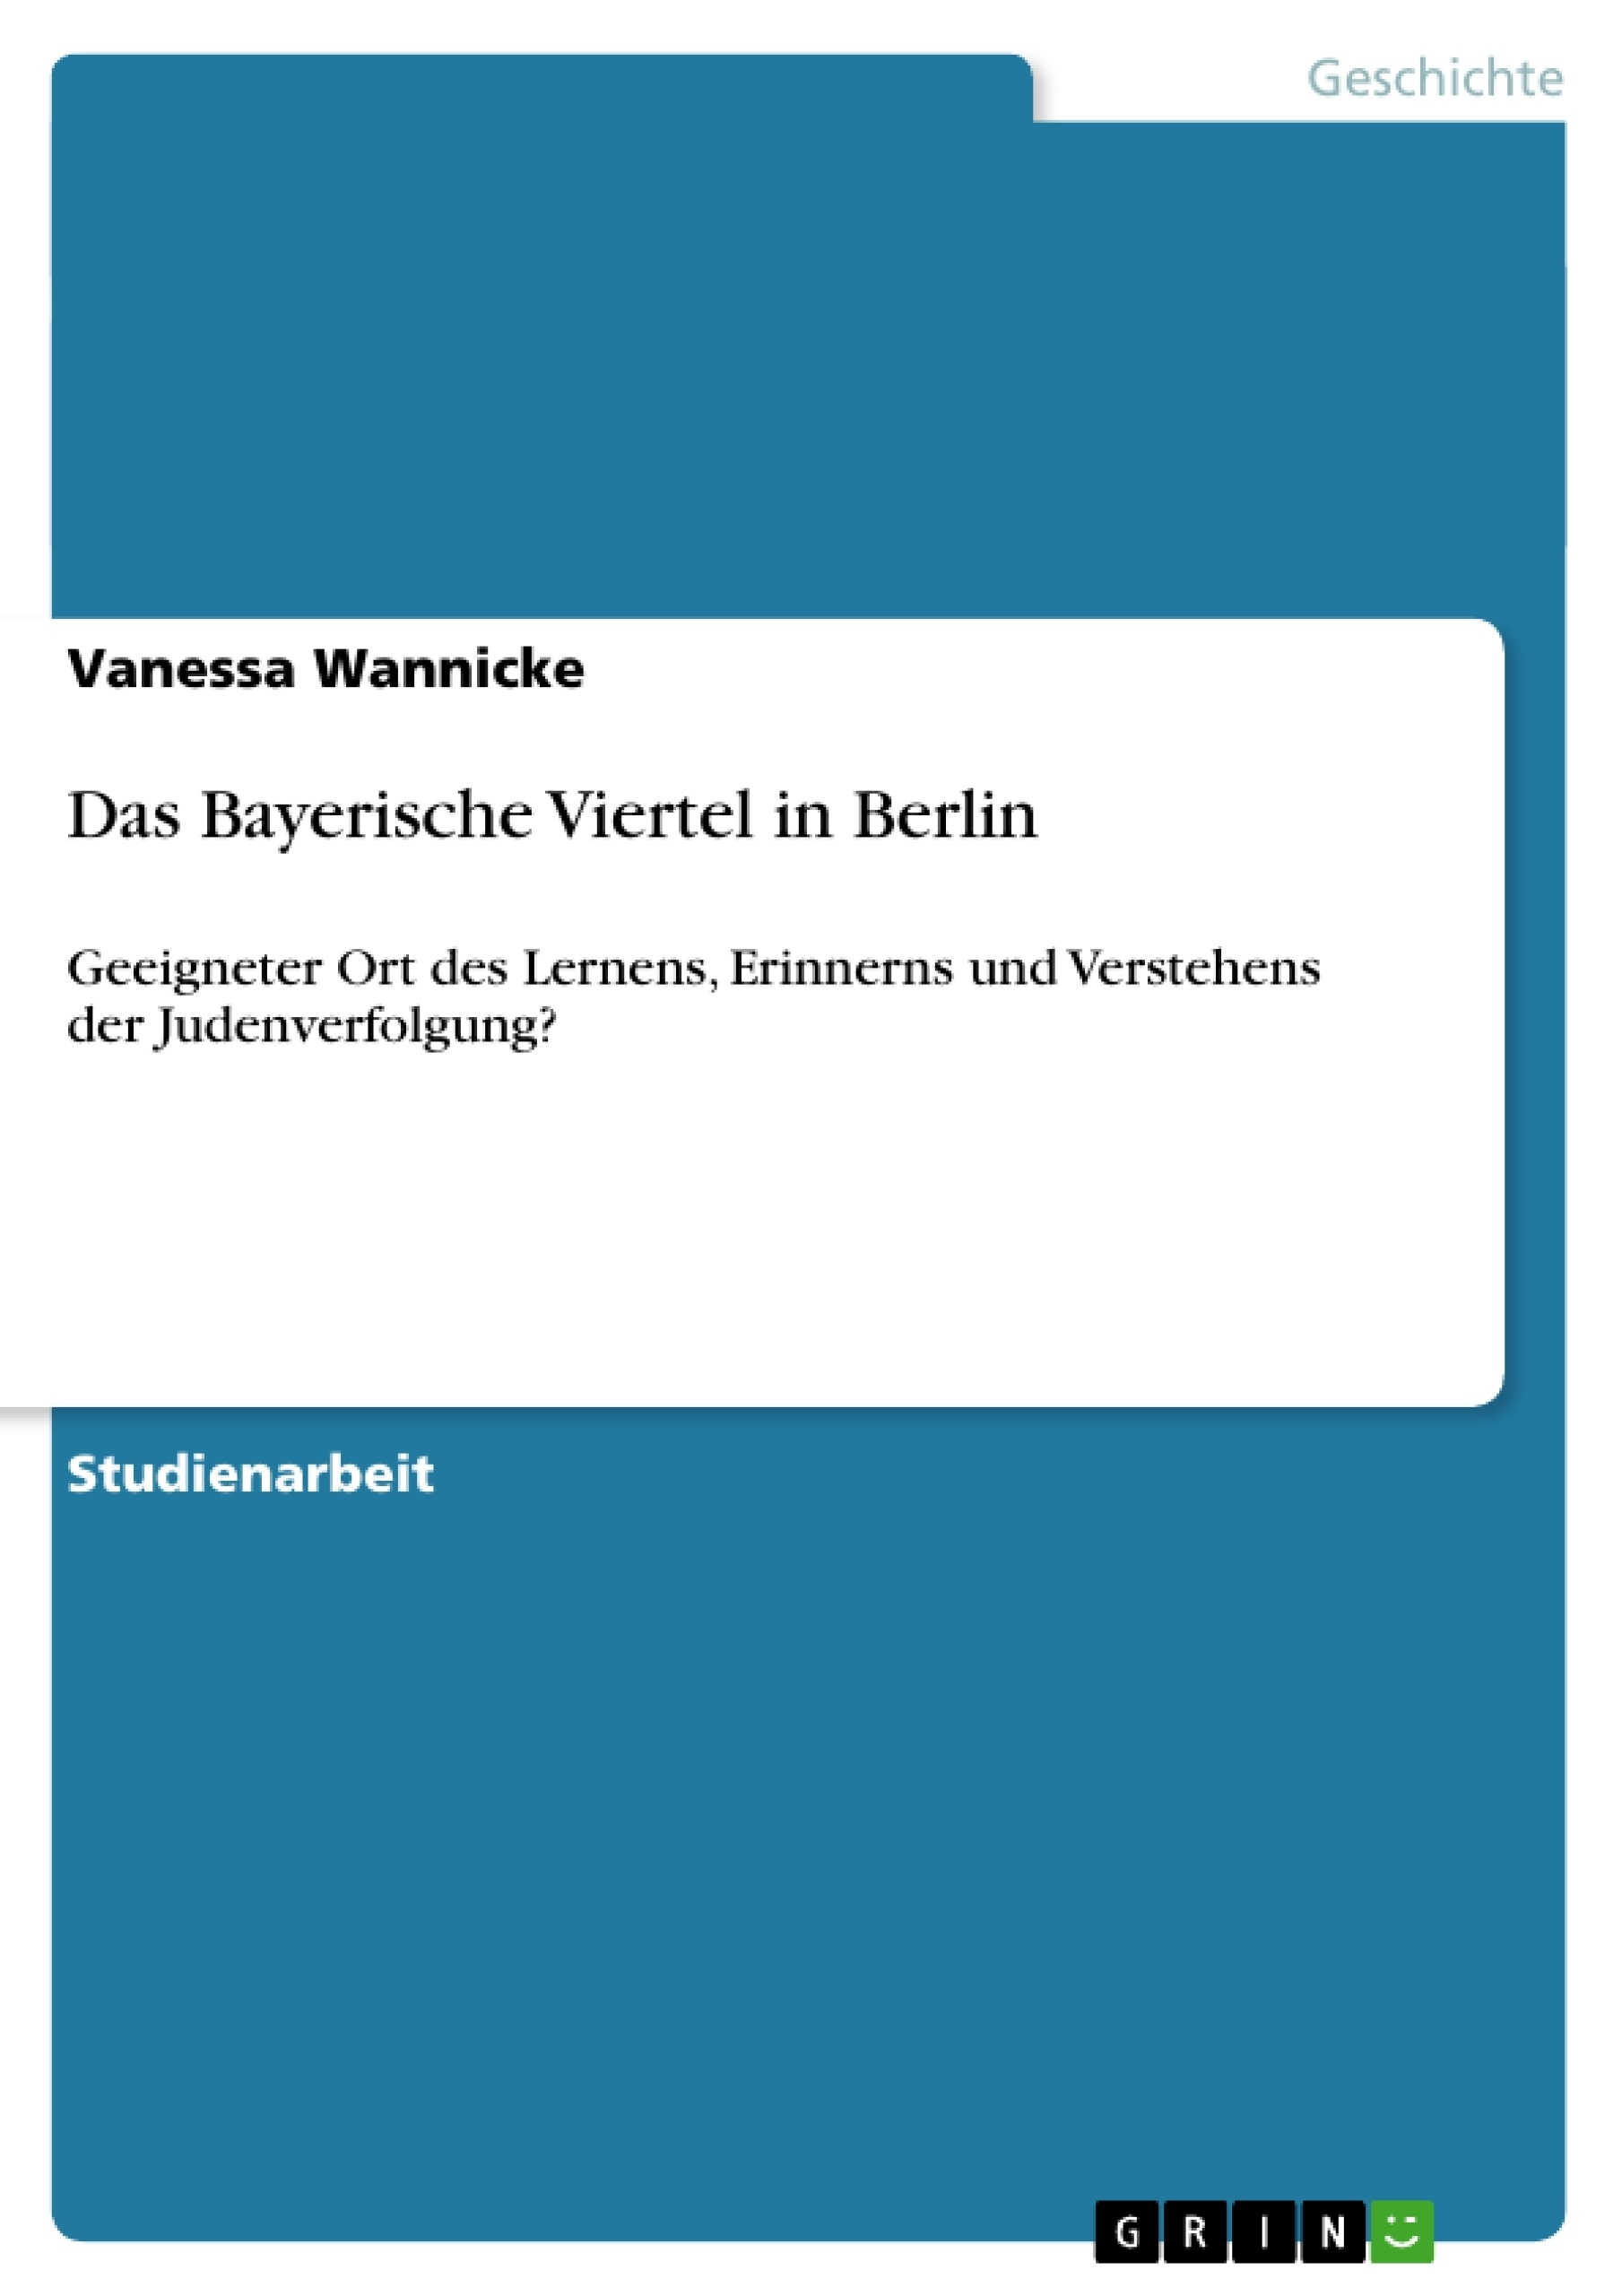 Titel: Das Bayerische Viertel in Berlin